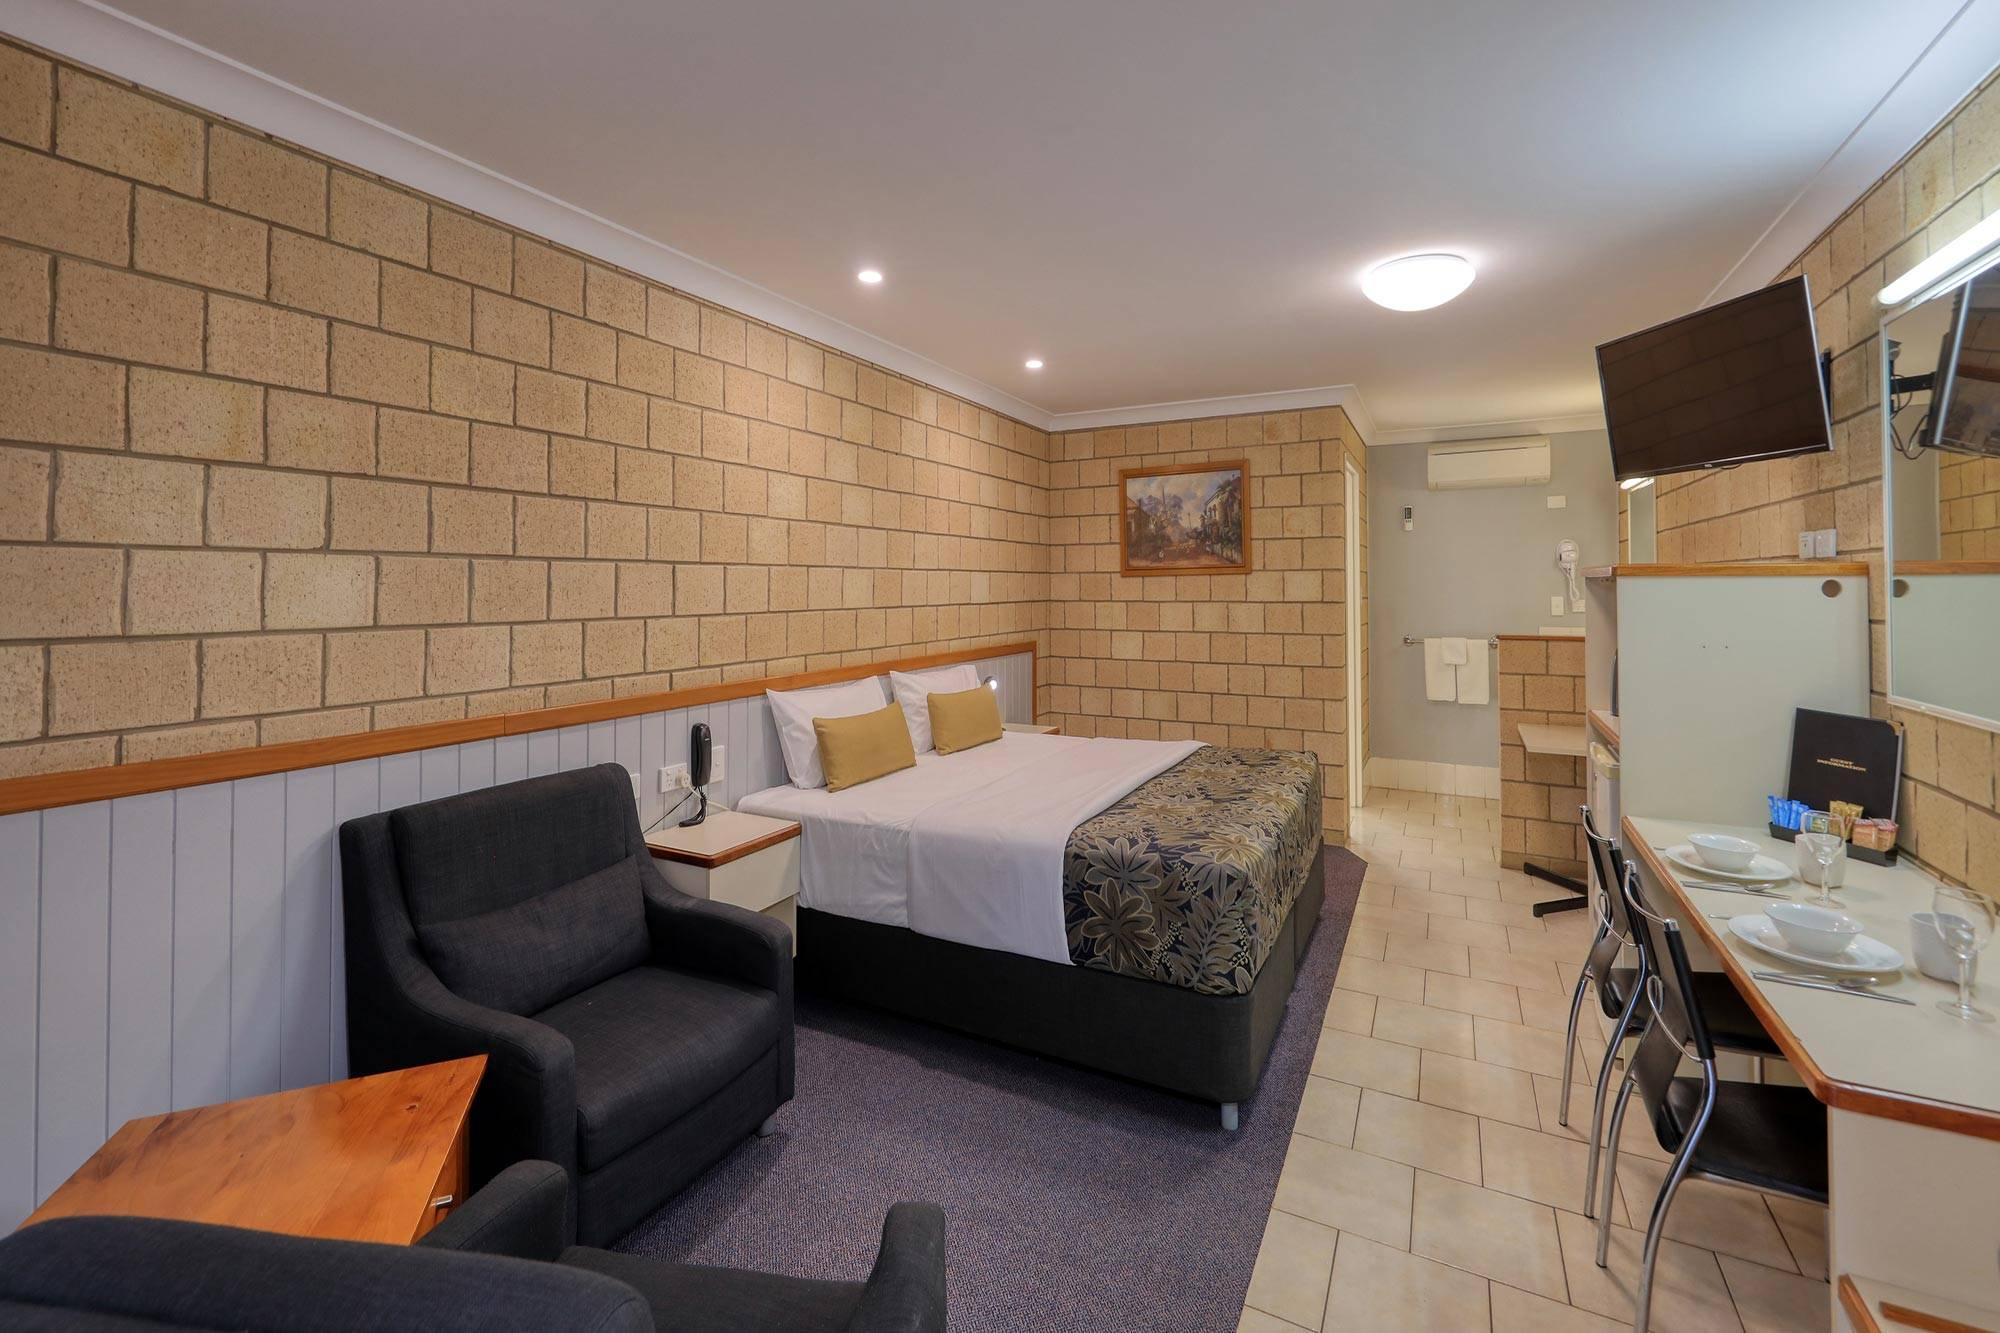 st-george-motel-executive-king-room-(2)